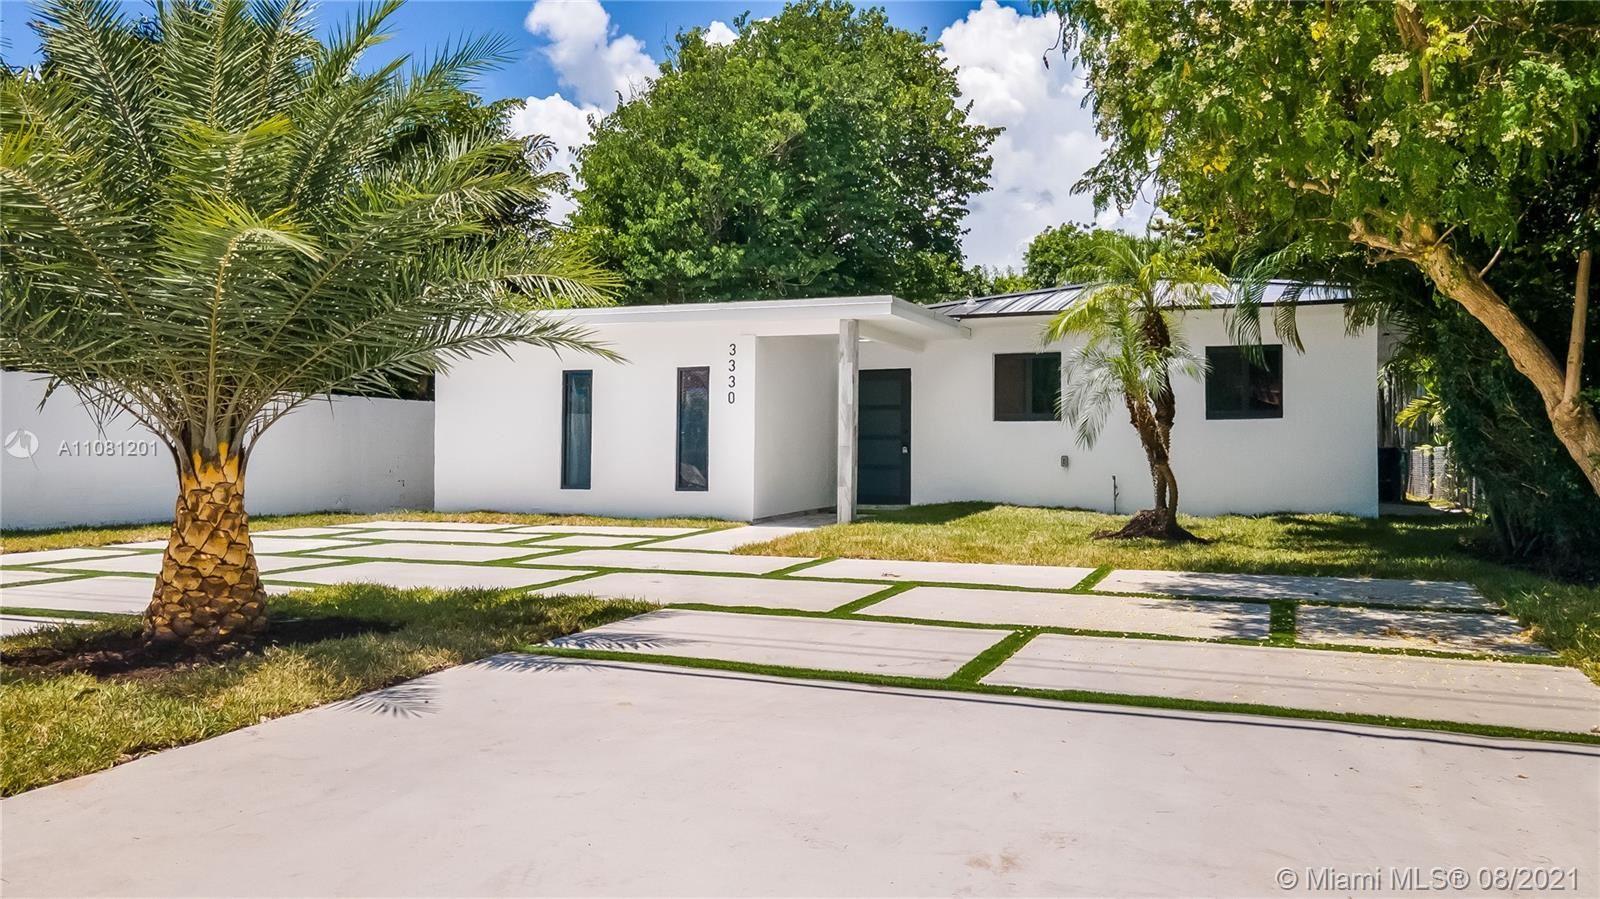 3330 SW 63rd Avenue, Miami, FL 33155 - #: A11081201